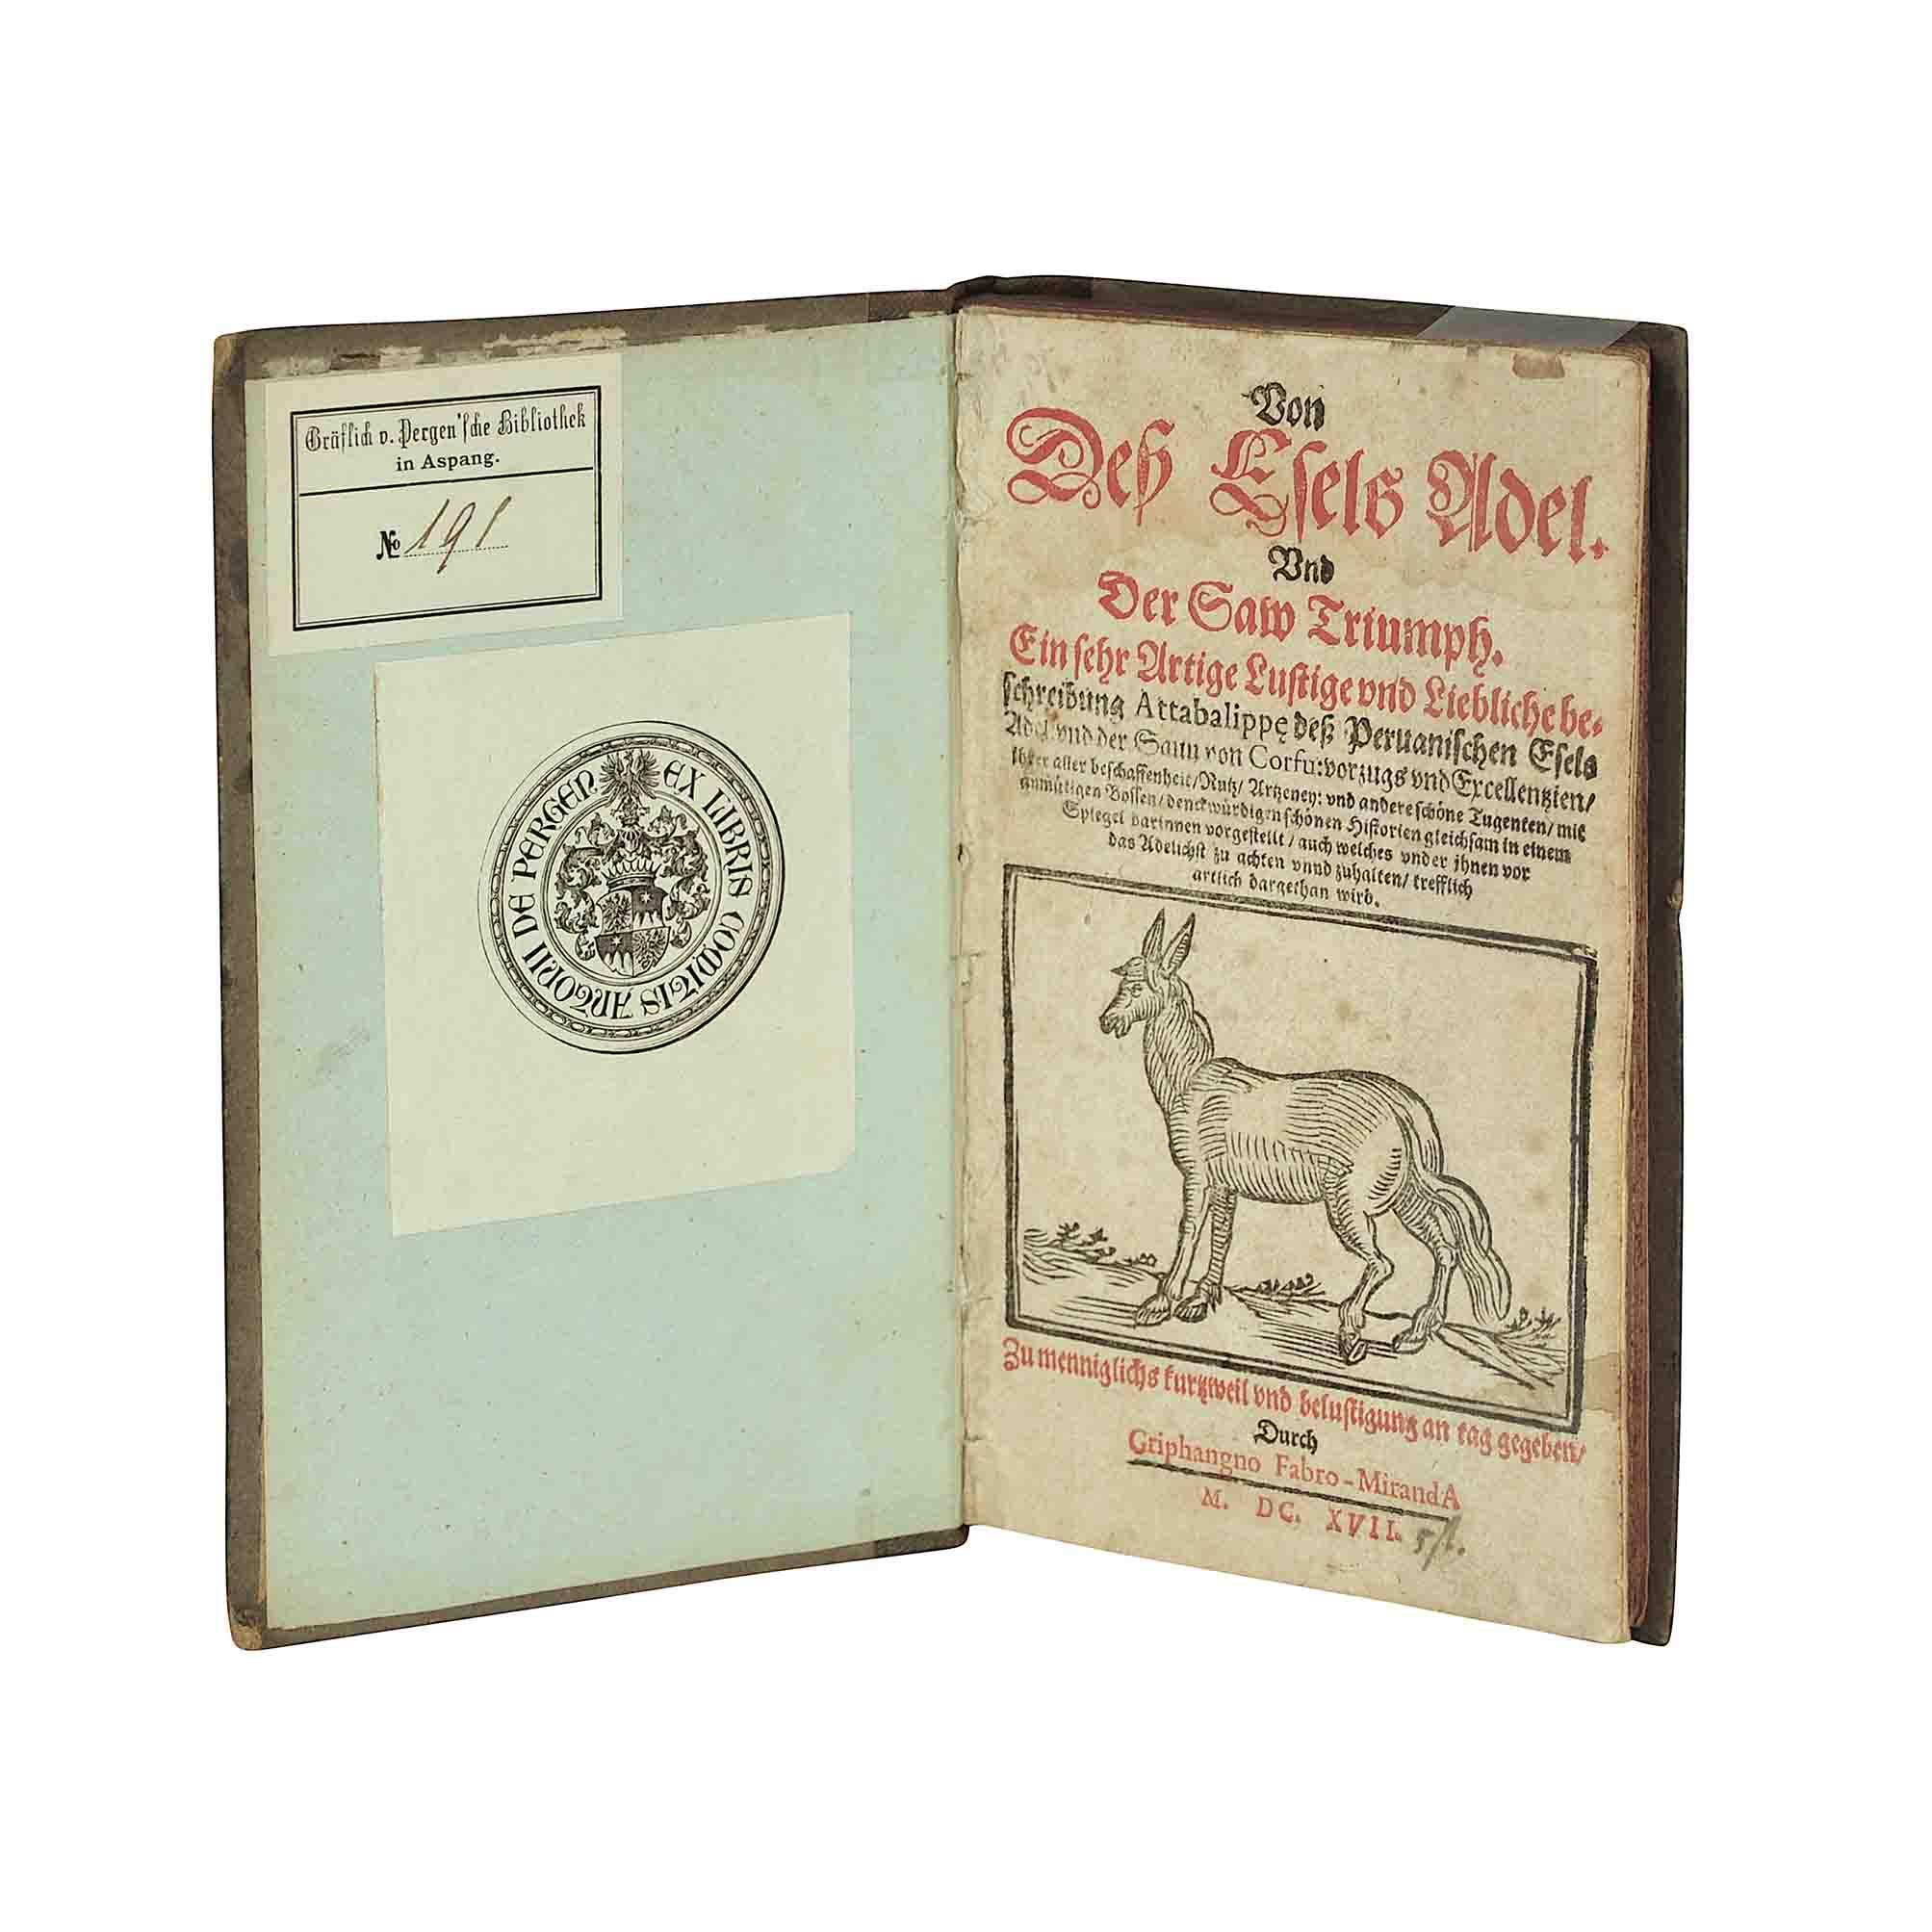 5574-Banchieri-Messerschid-Esel-Adel-1617-Titel-Ex-Libris-aufgestellt-A-N.jpg